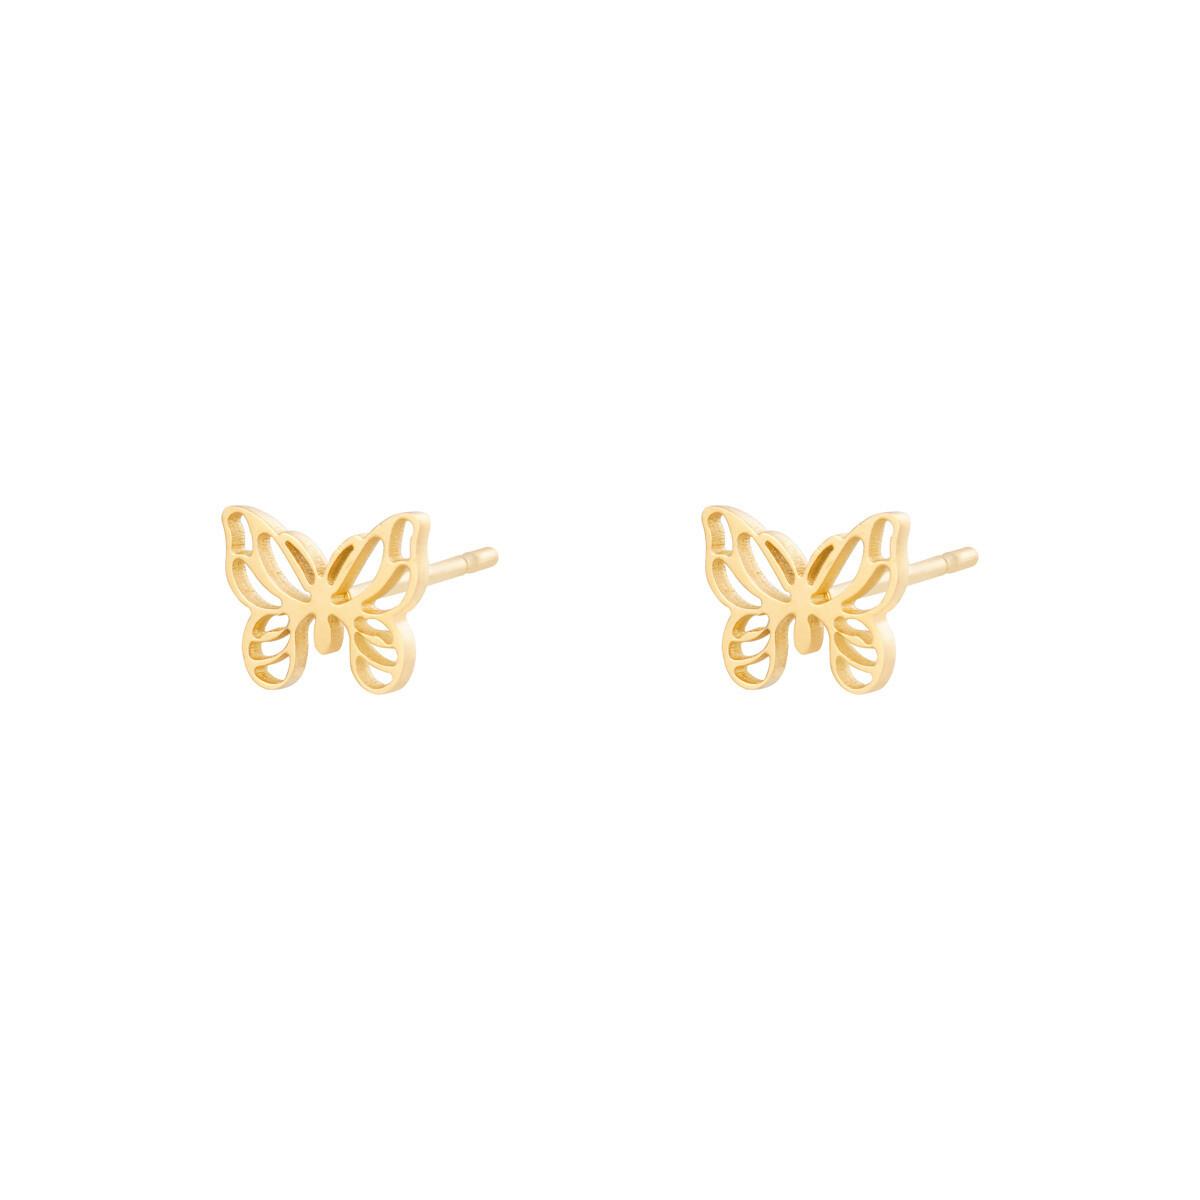 Vlinder knopjes stainless steel goud